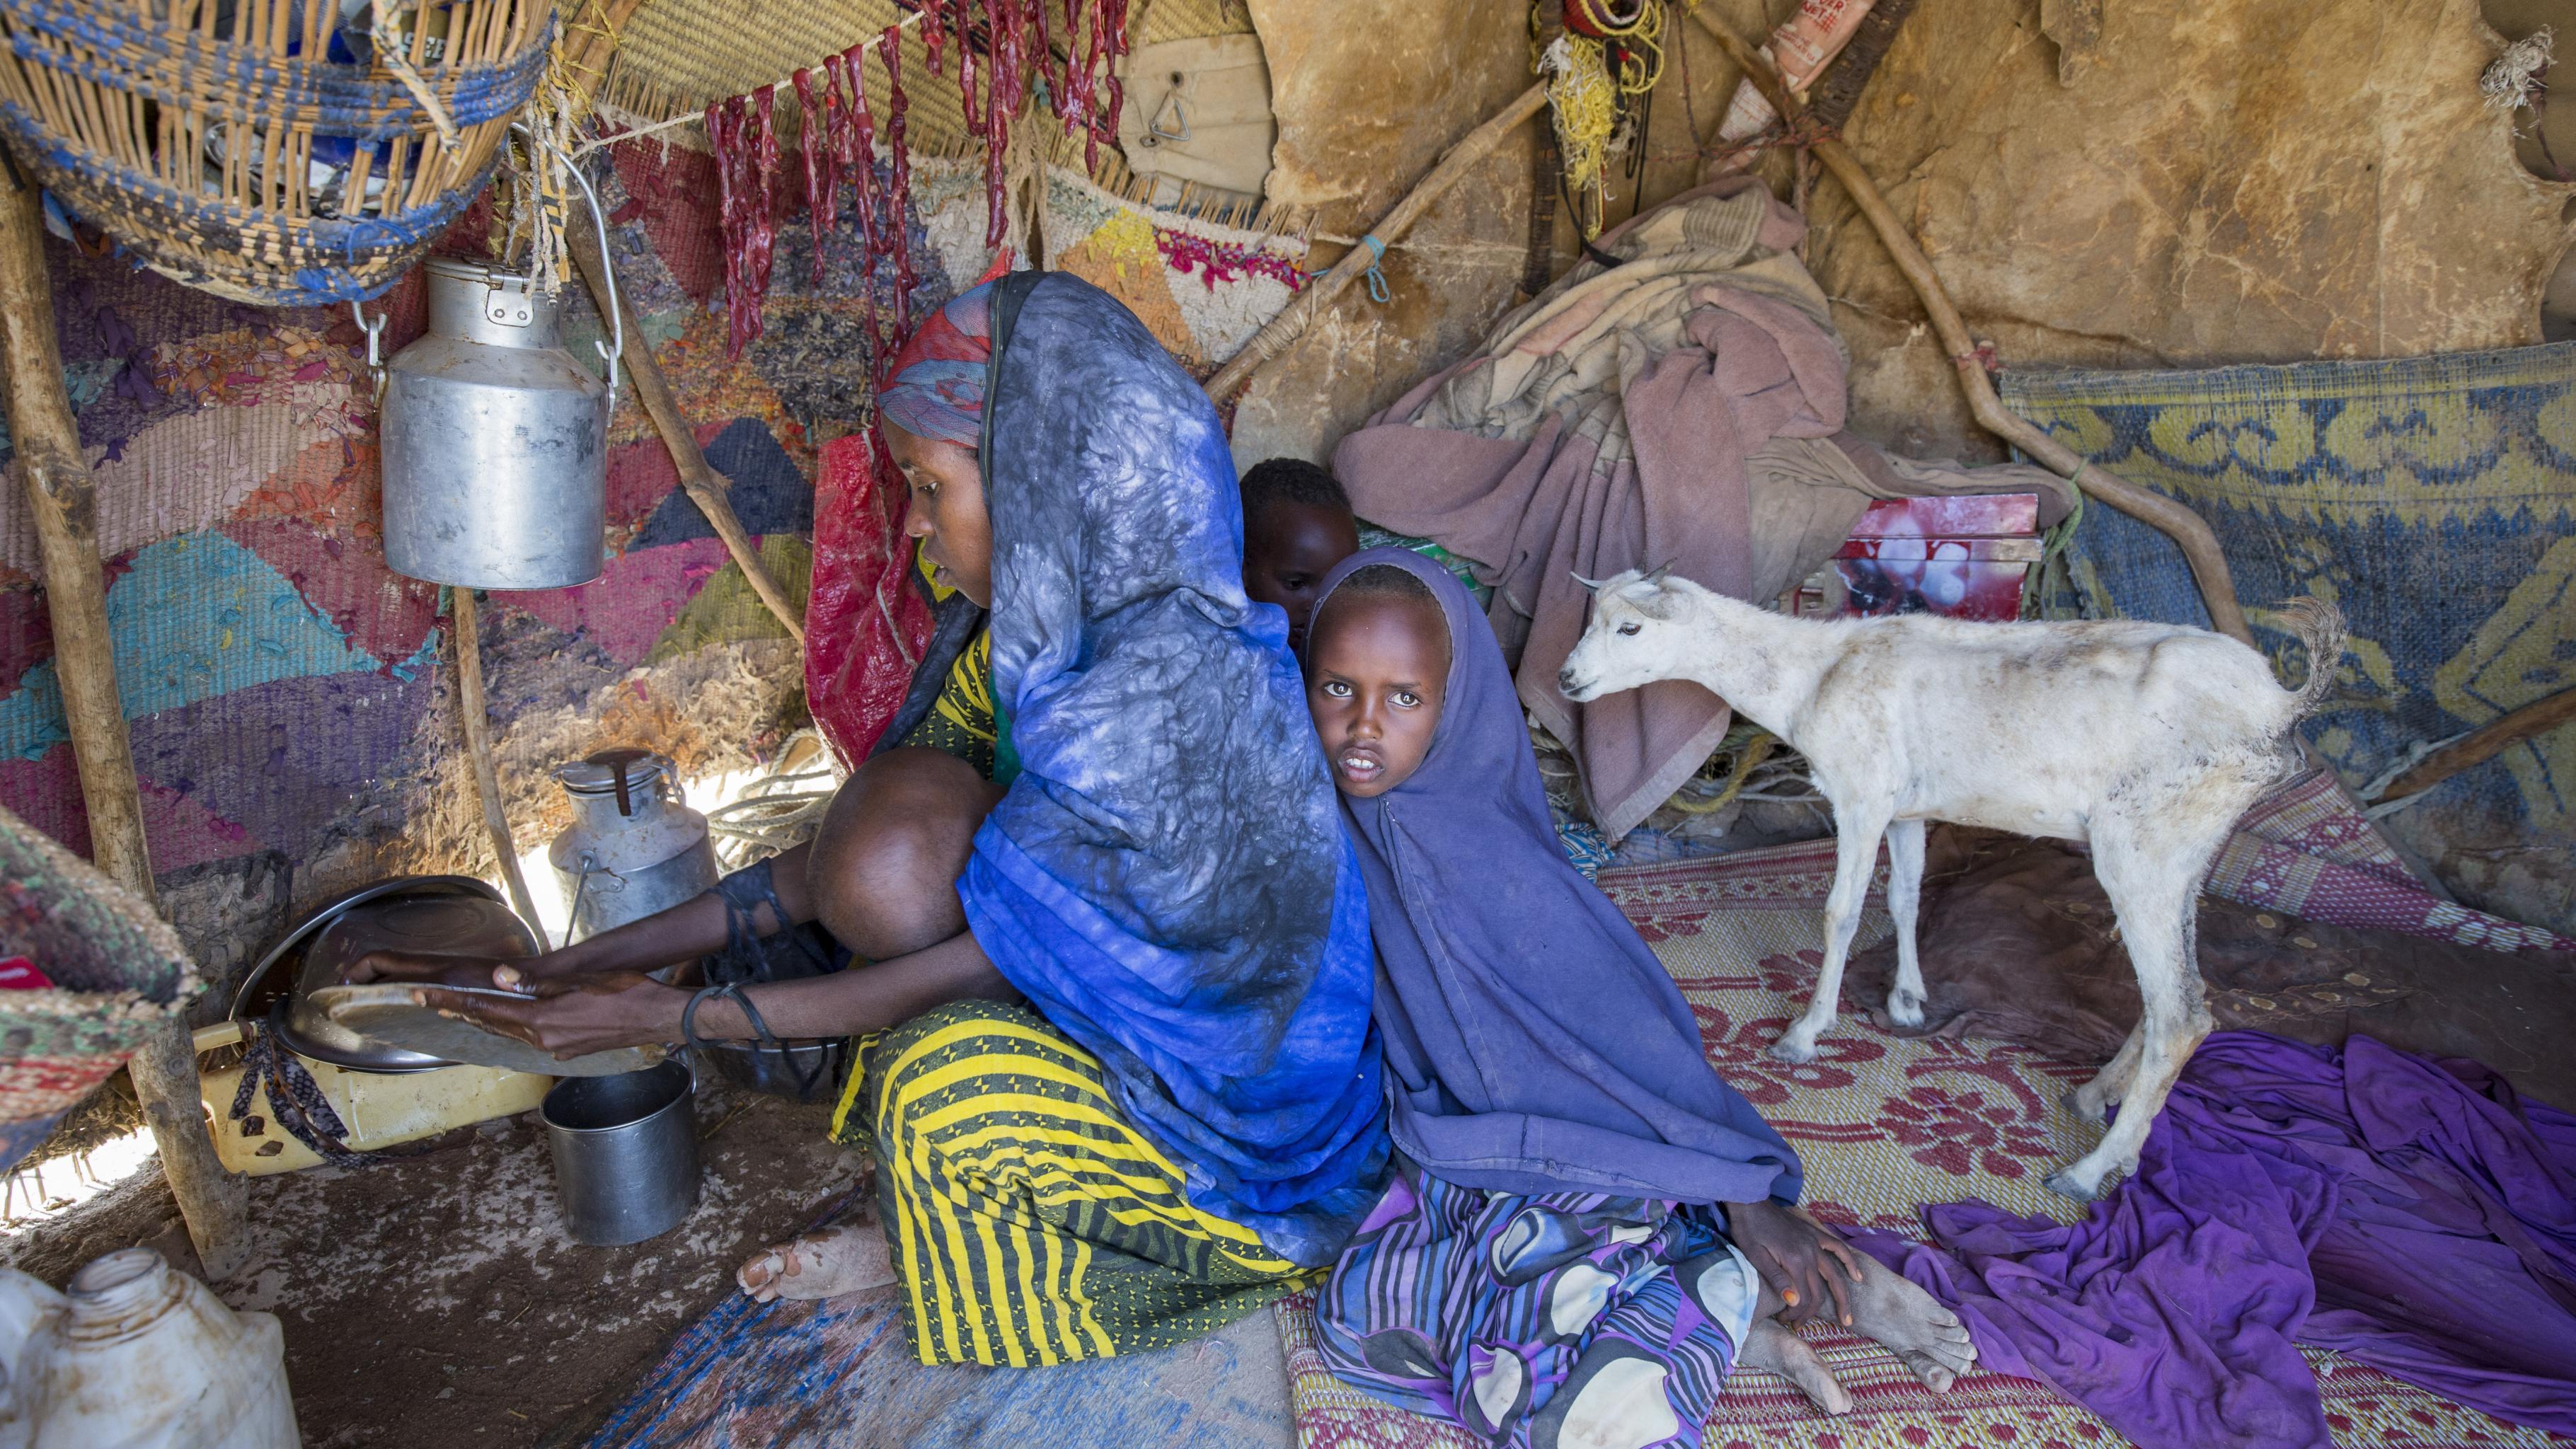 Eine Frau sitzt mit drei kleinen kIndern und einer Ziege in einer notdürftigen Unterkunft aus zusammengelegten Teppichen